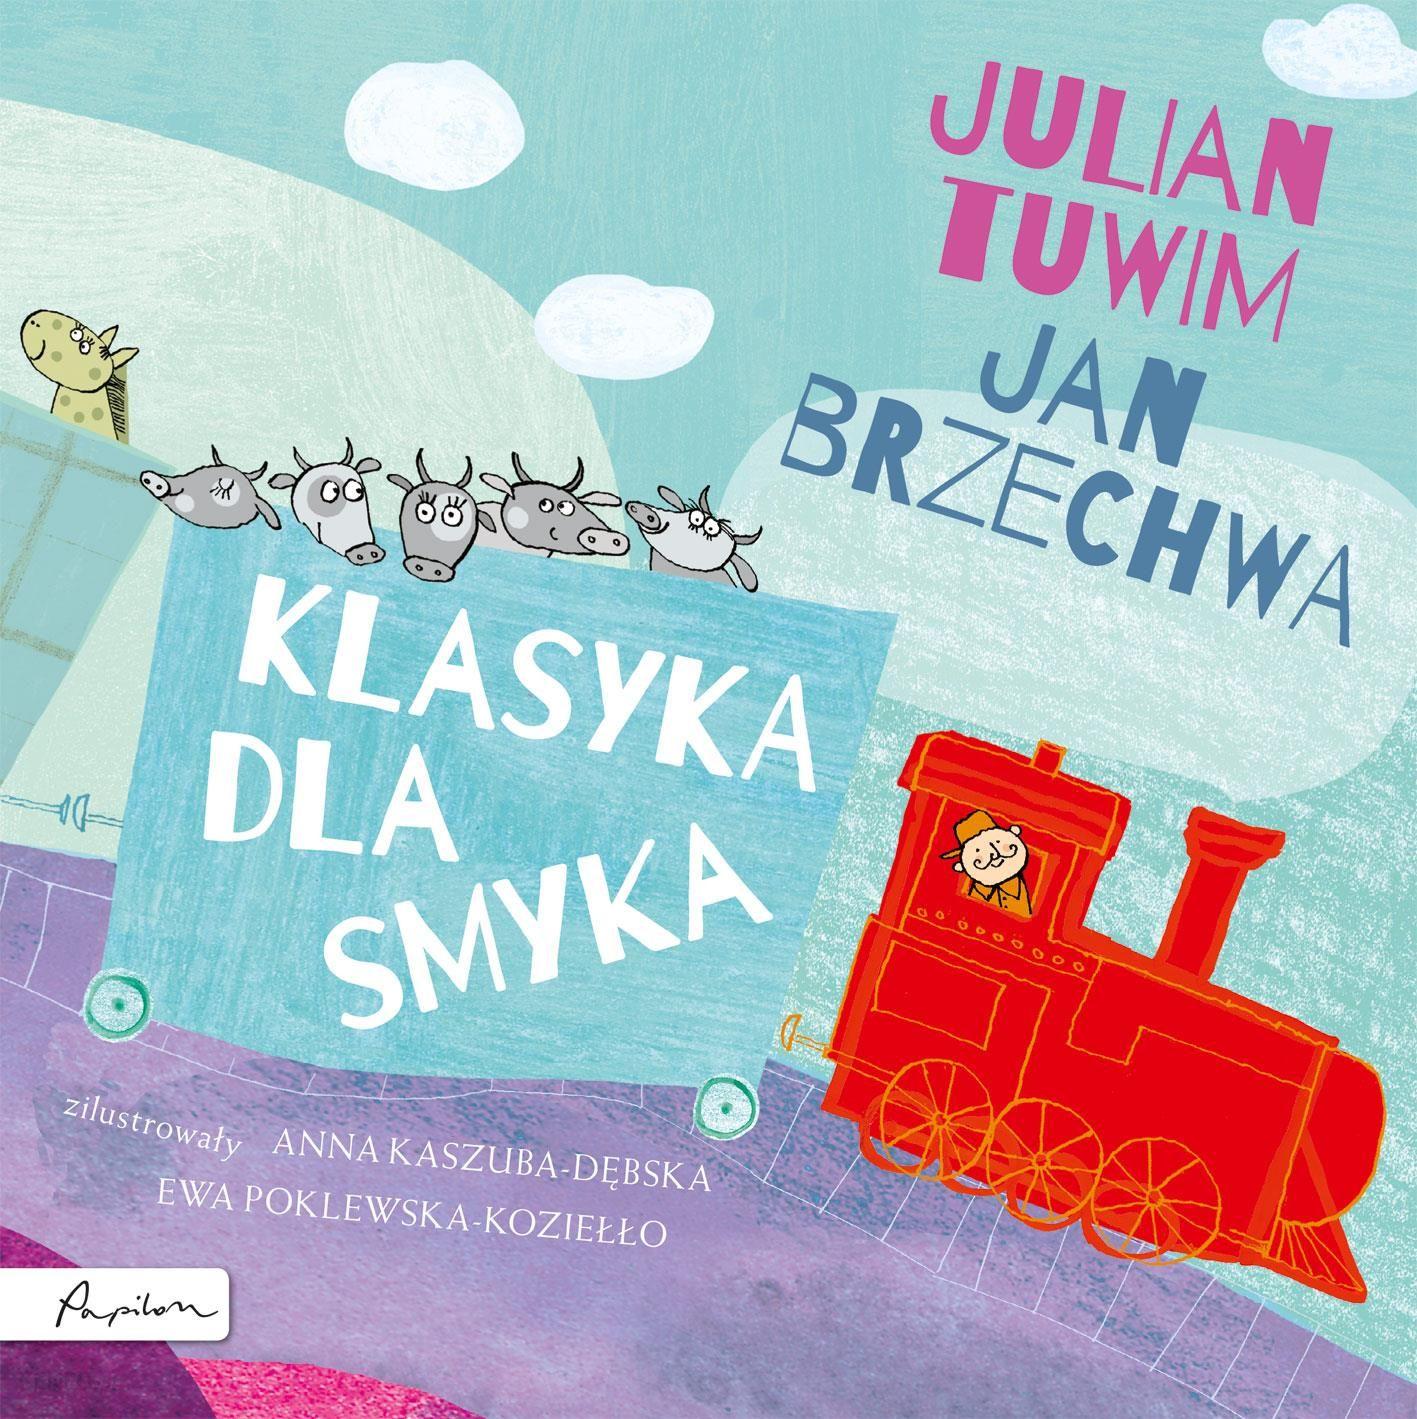 Klasyka Dla Smyka Julian Tuwim I Jan Brzechwa Jan Brzechwa Julian Tuwim